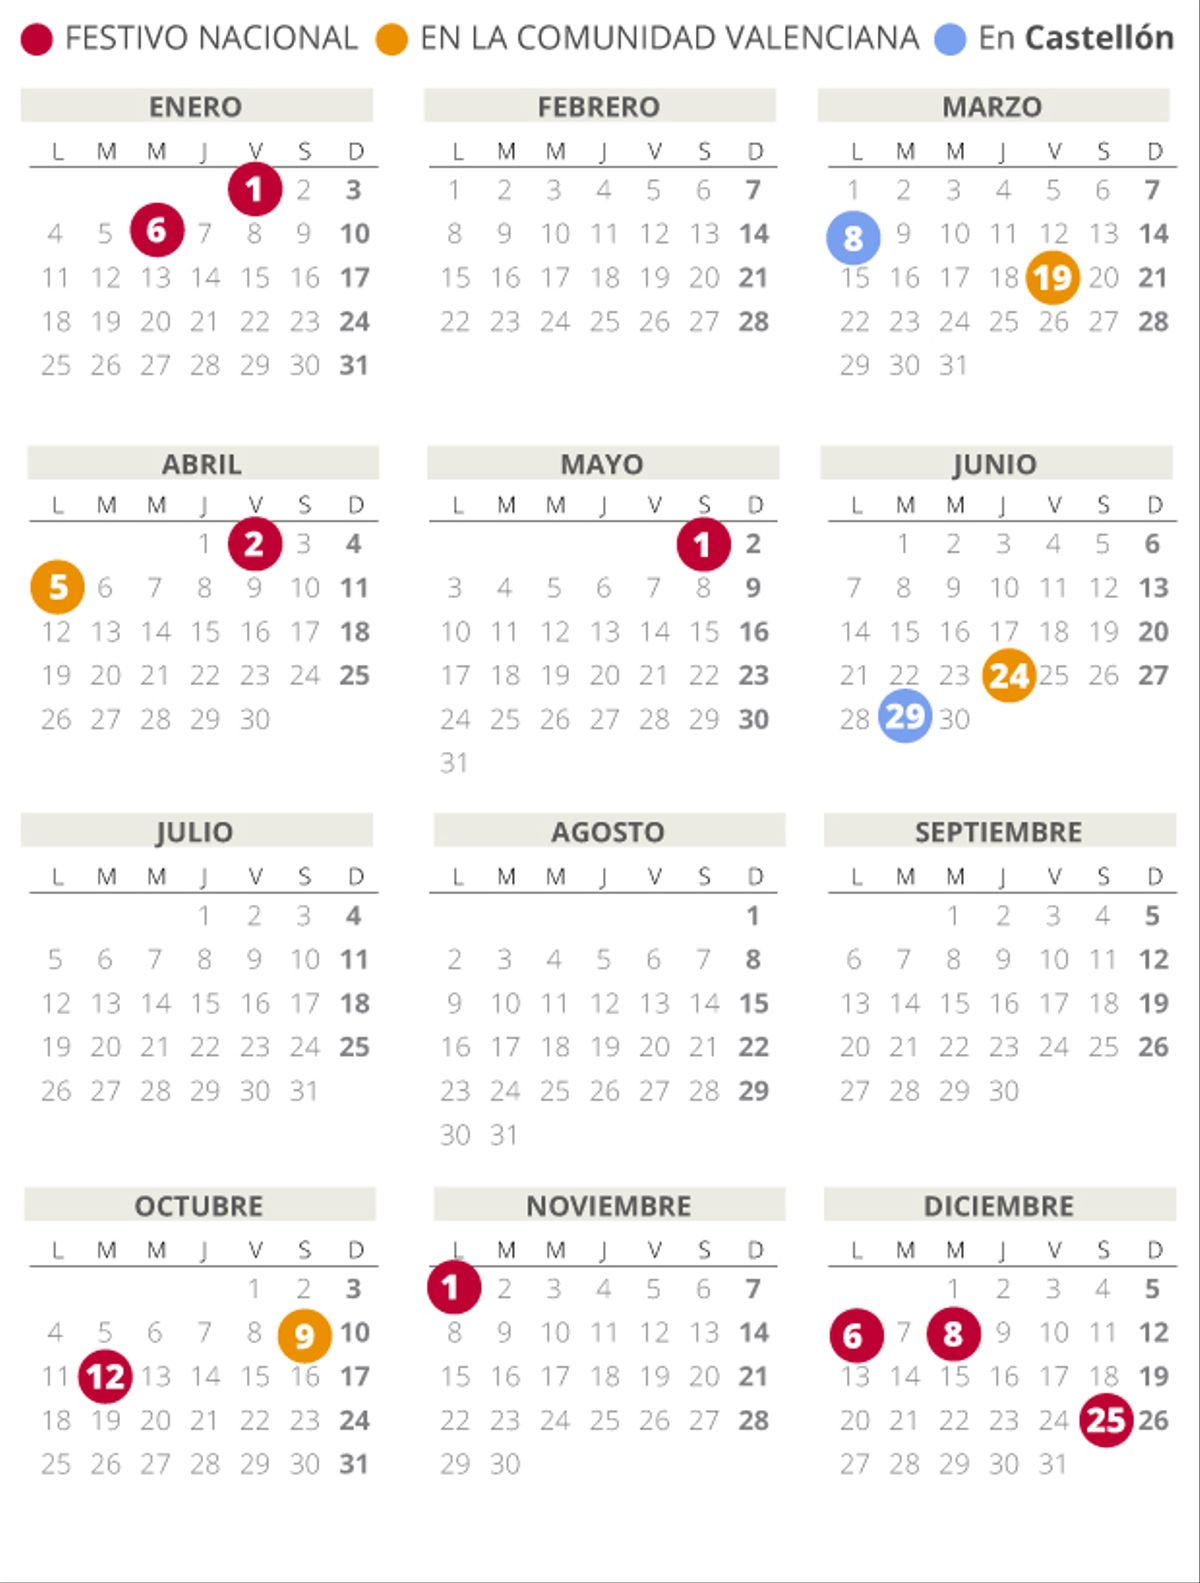 Calendario laboral de Castellón del 2021.